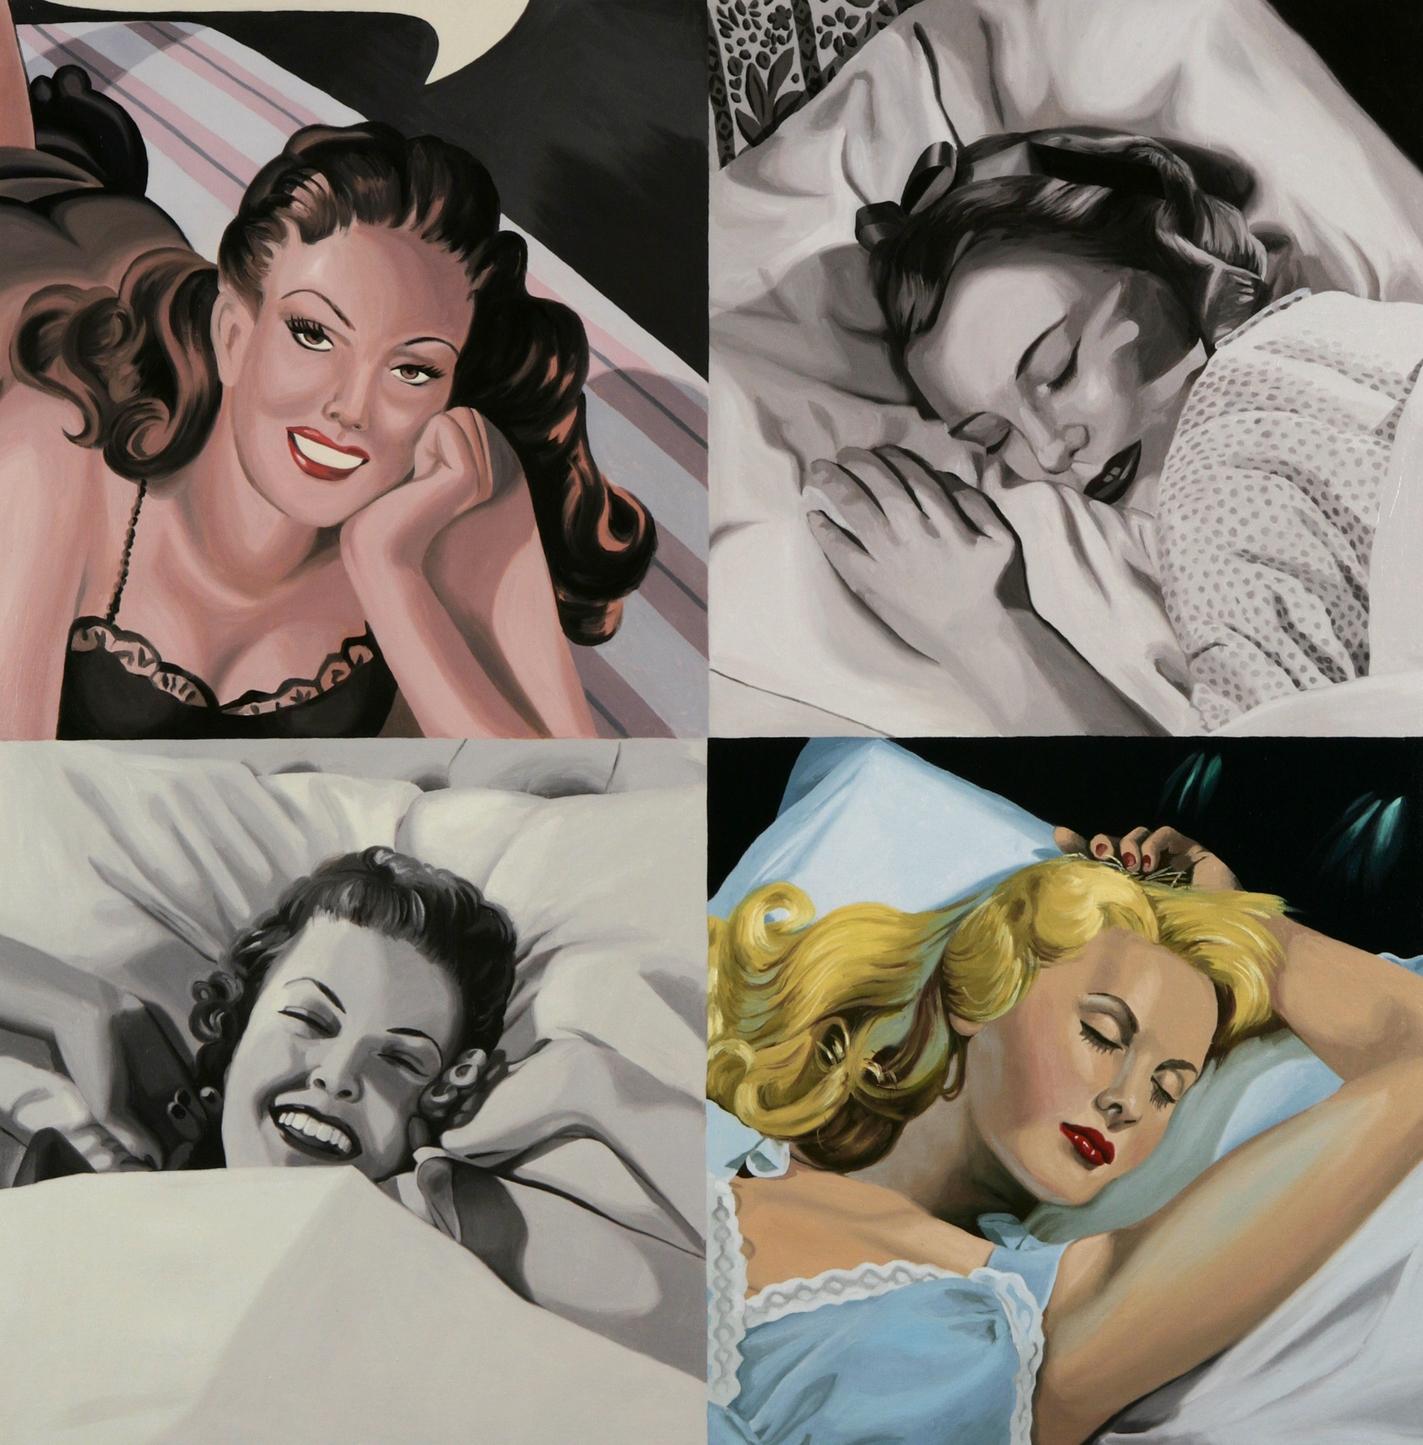 Women, In Bed (One in Blue Nightie)